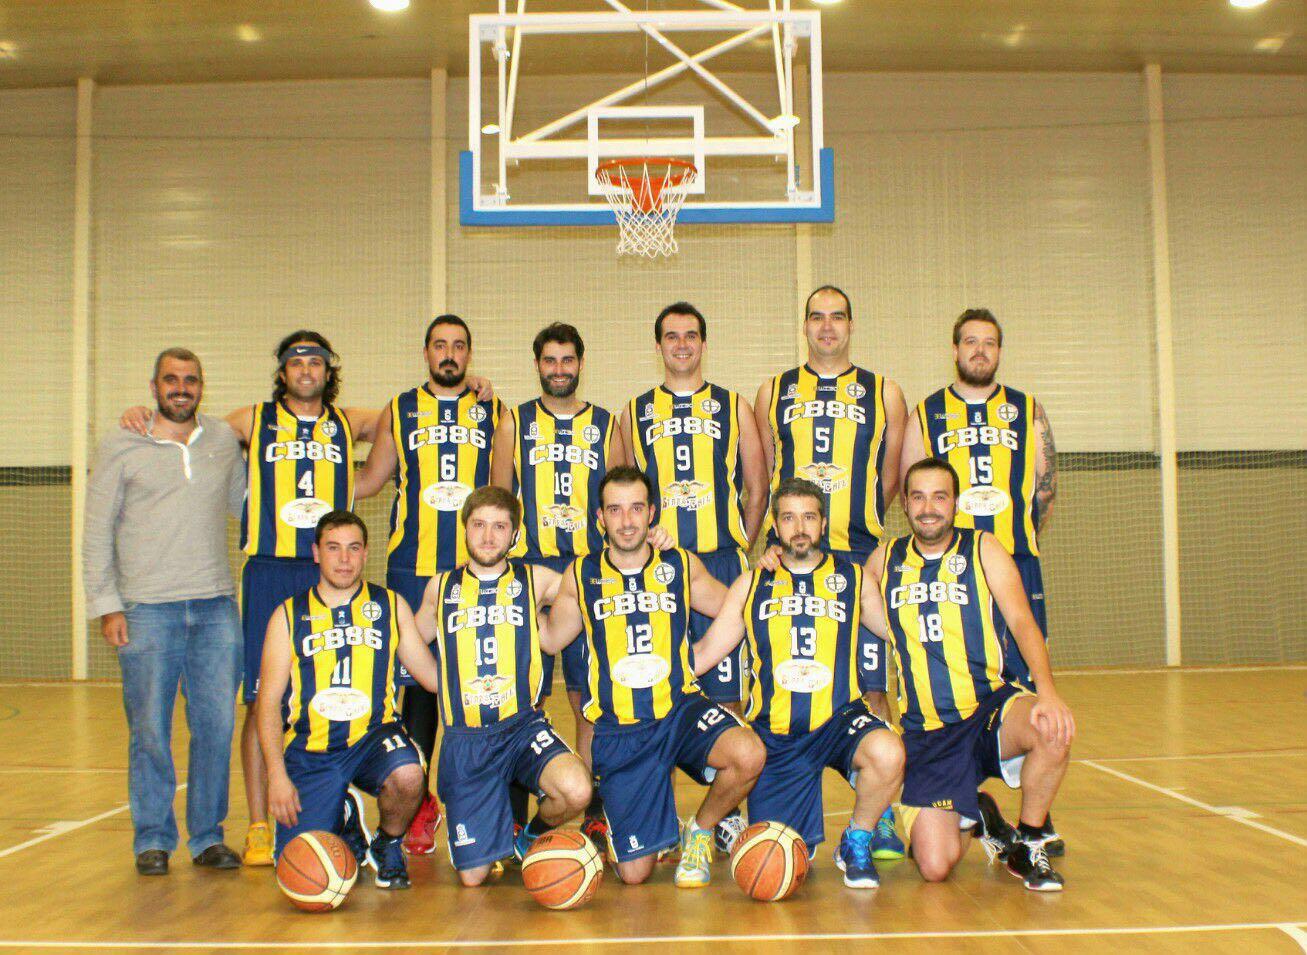 Baloncesto 86 Valdeluz